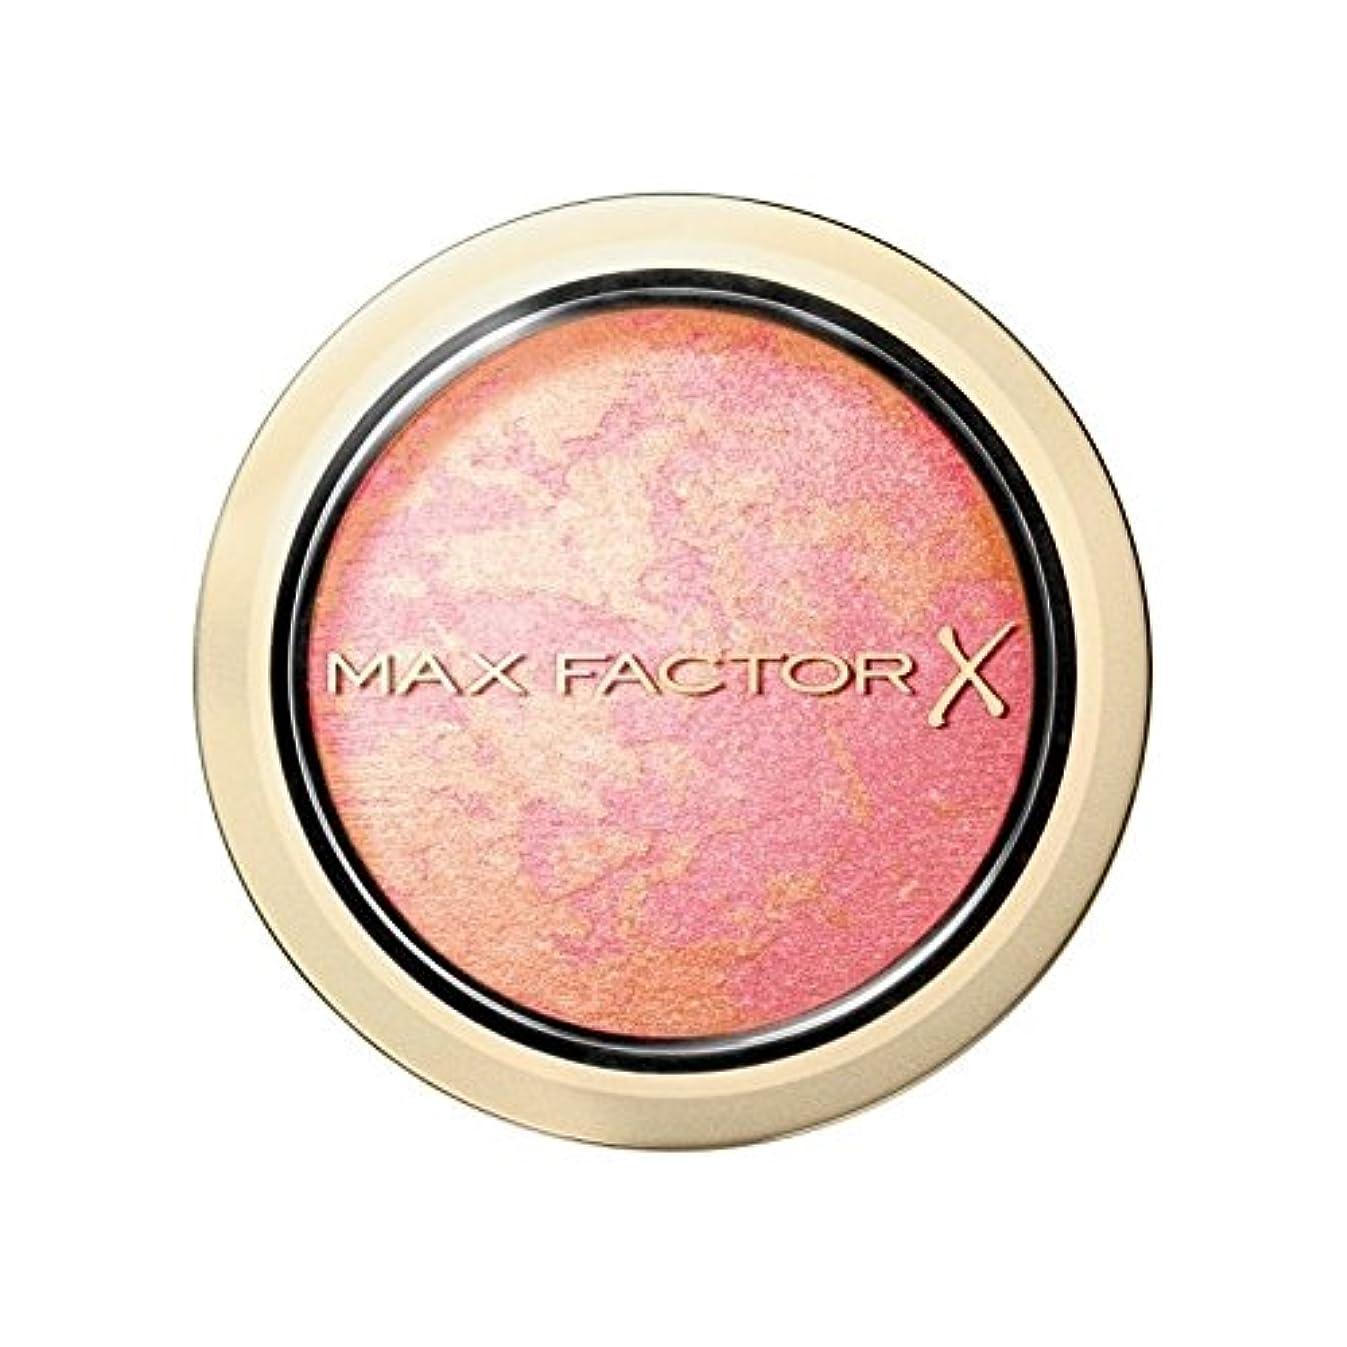 削除する試験もつれマックスファクタークリームパフブラッシャー美しいピンクの5 x2 - Max Factor Creme Puff Blusher Lovely Pink 5 (Pack of 2) [並行輸入品]